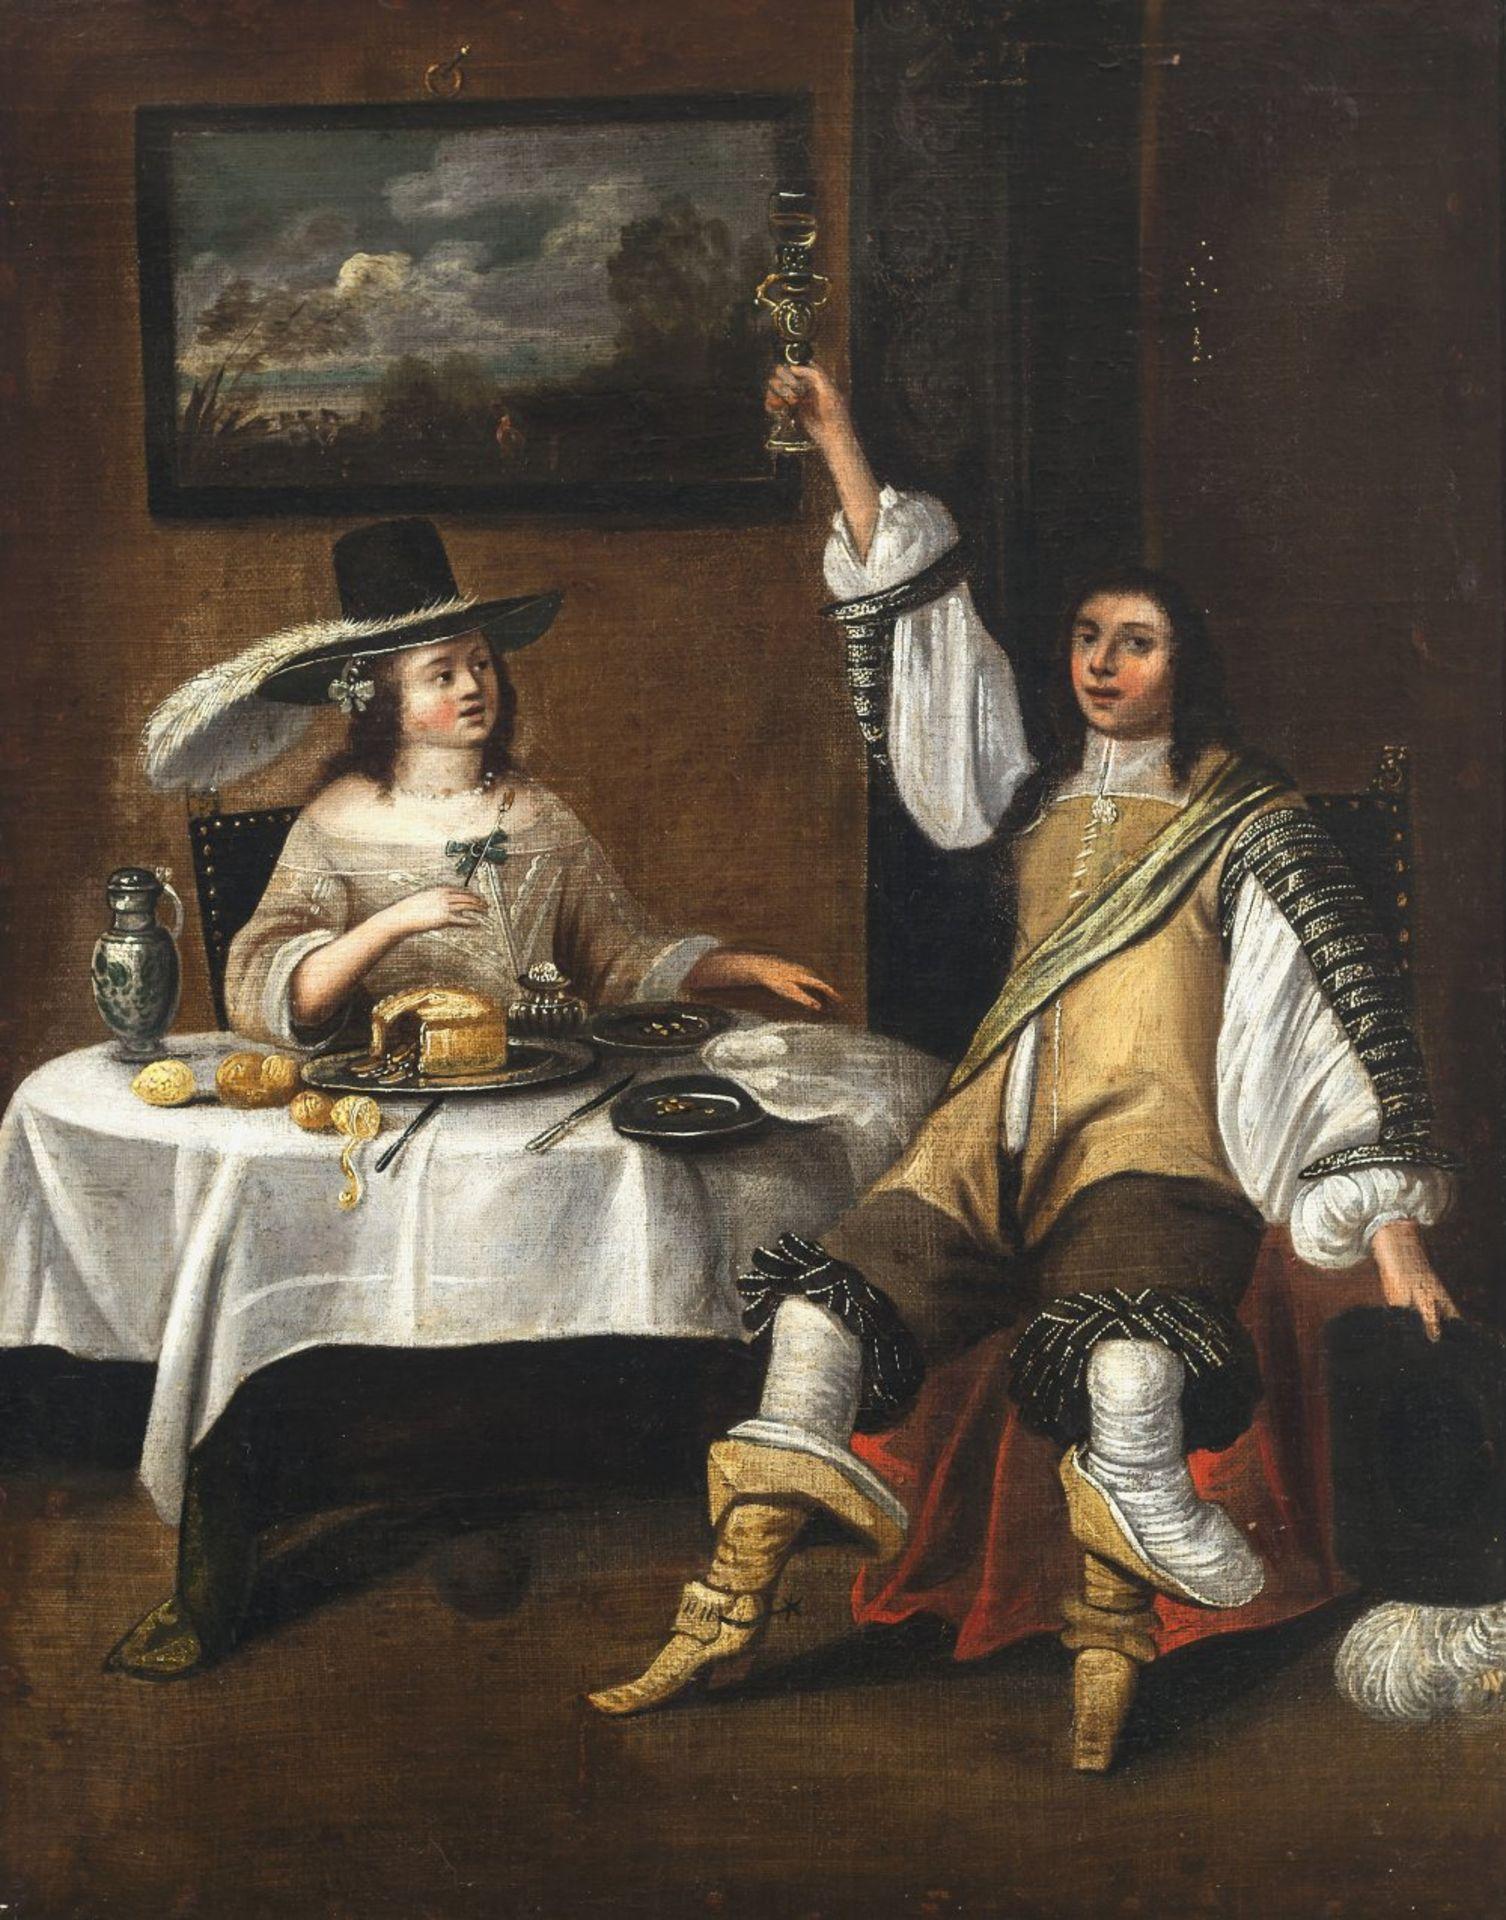 Lamen, Christoph Jacobsz van derDame und Herr zu Tisch. Die Dame trägt einen Feder geschmückten Hut,